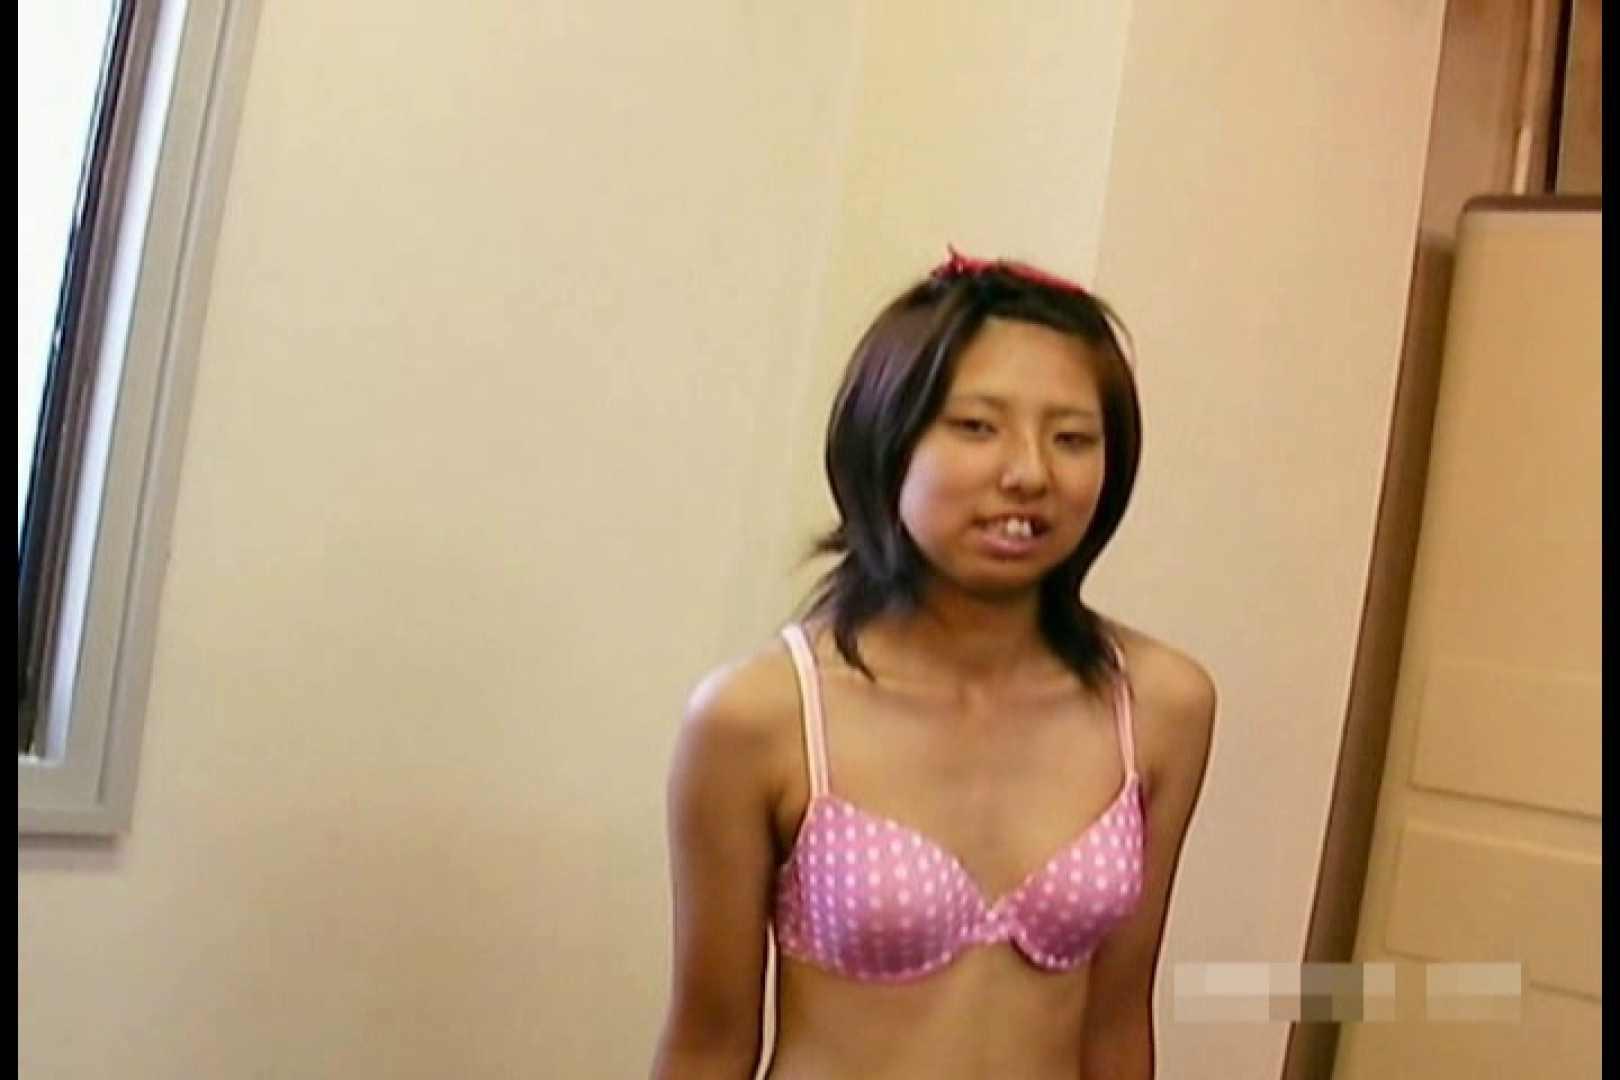 素人撮影 下着だけの撮影のはずが・・・エミちゃん18歳 おっぱい特集 エロ無料画像 65pic 22